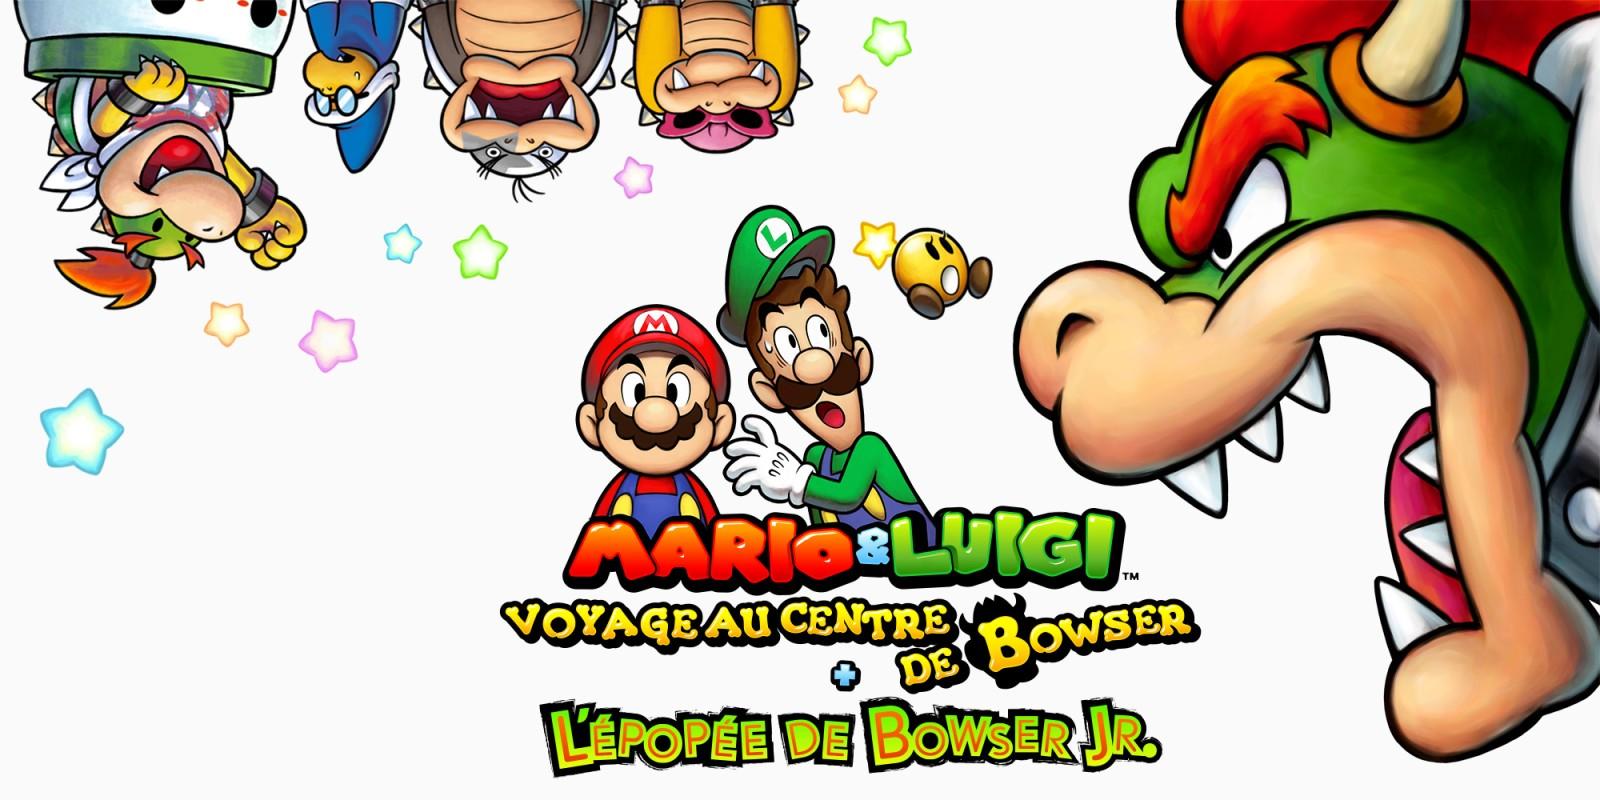 Mario Luigi Voyage Au Centre De Bowser L épopée De